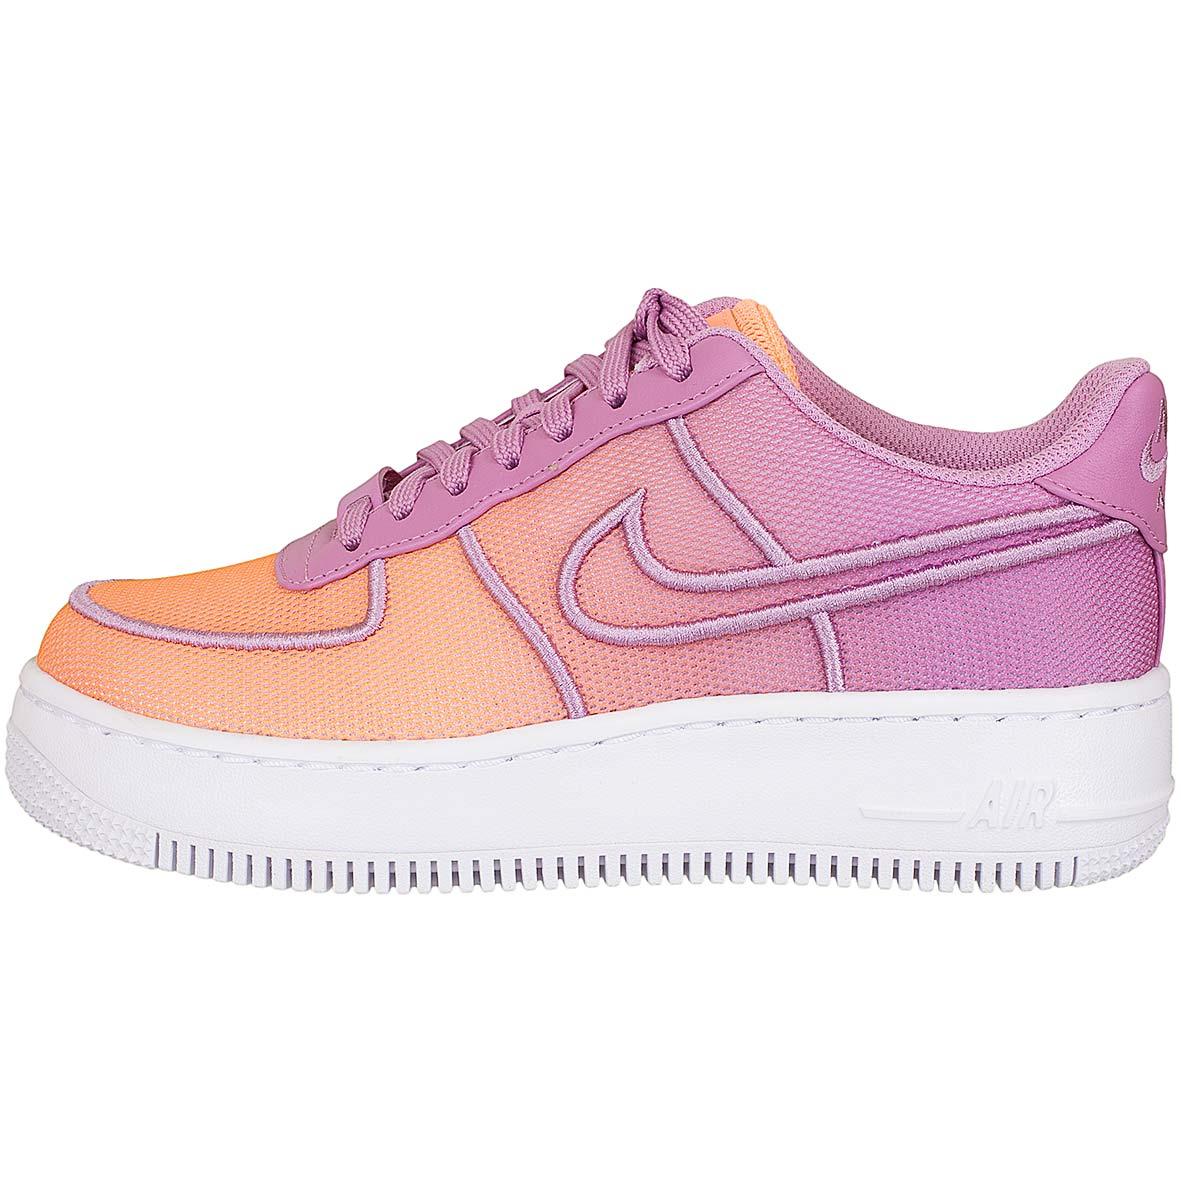 Nike Damen Air Force 1 '07 Essential Grün AO2132 700